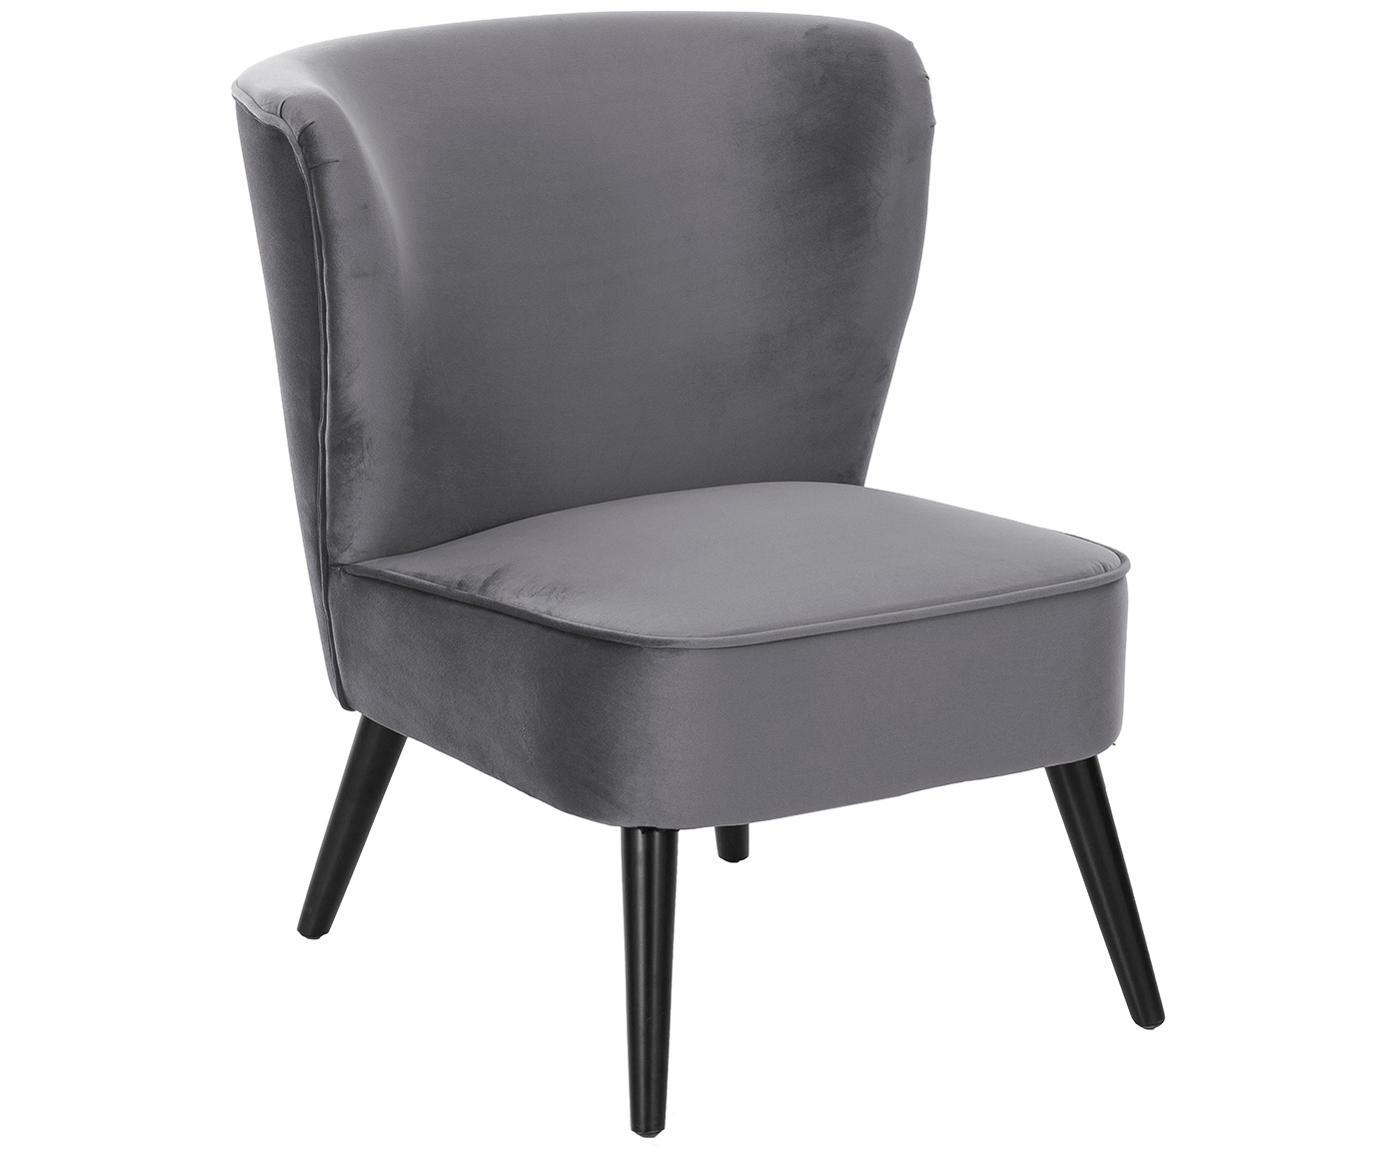 Aksamitne krzesło Robine, Tapicerka: aksamit (poliester) Tkani, Nogi: drewno sosnowe, lakierowa, Szary, S 63 x G 73 cm